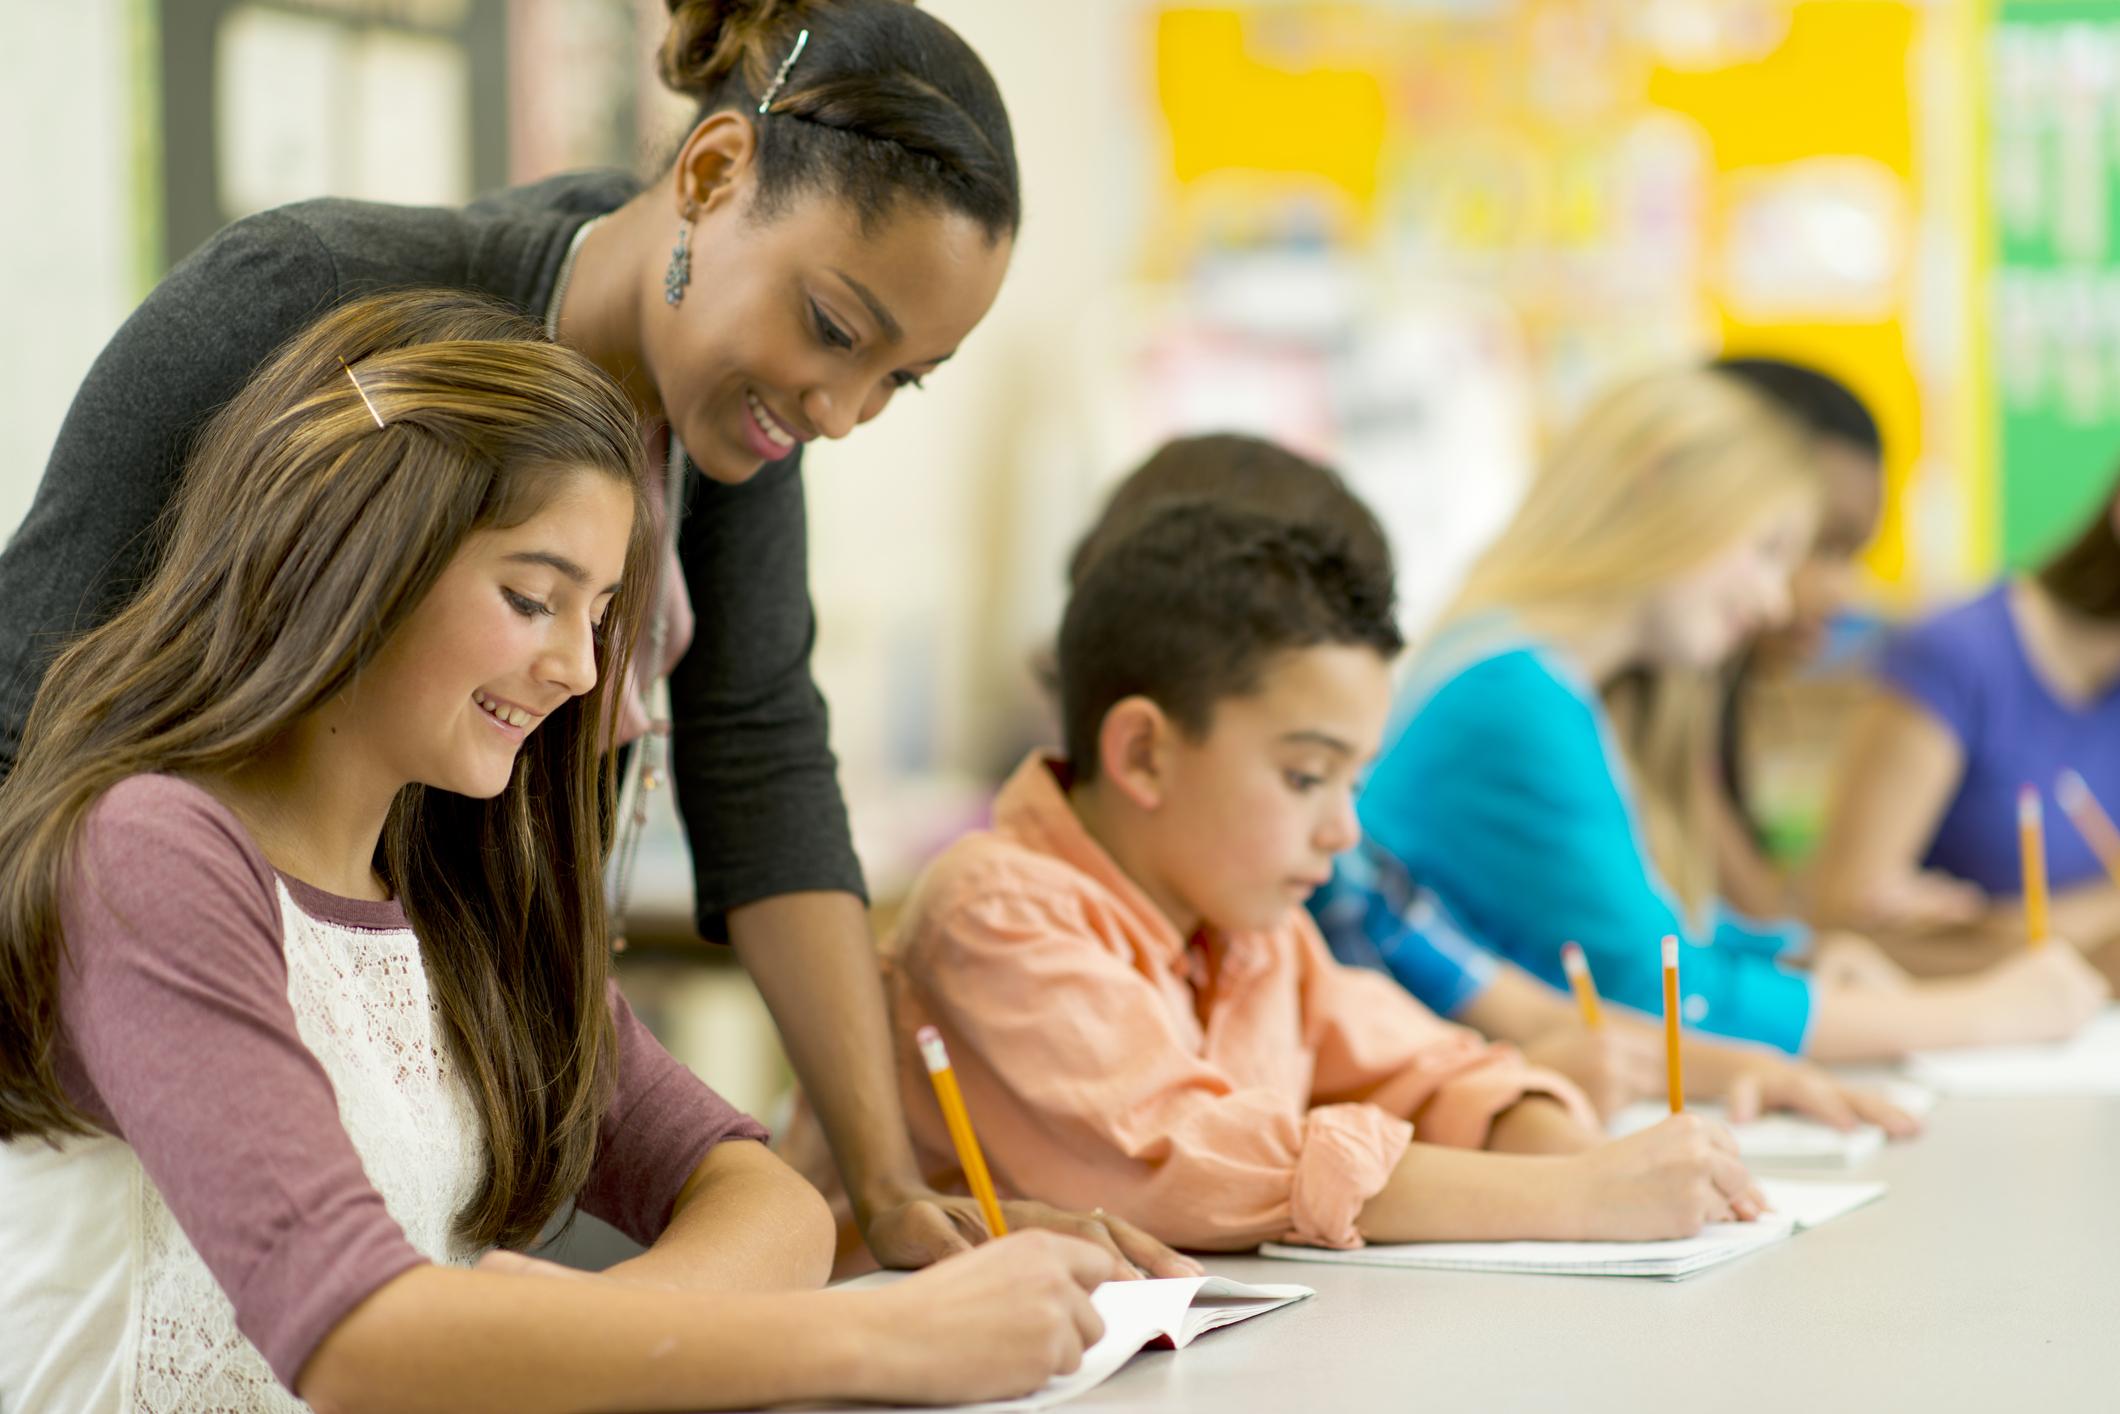 Nuestro Equipo - Riverbend Prep se compromete a retener a los maestros extraordinarios y a los líderes talentosos en la administración educativa.Haz clic aquí para conocer a nuestro personal!